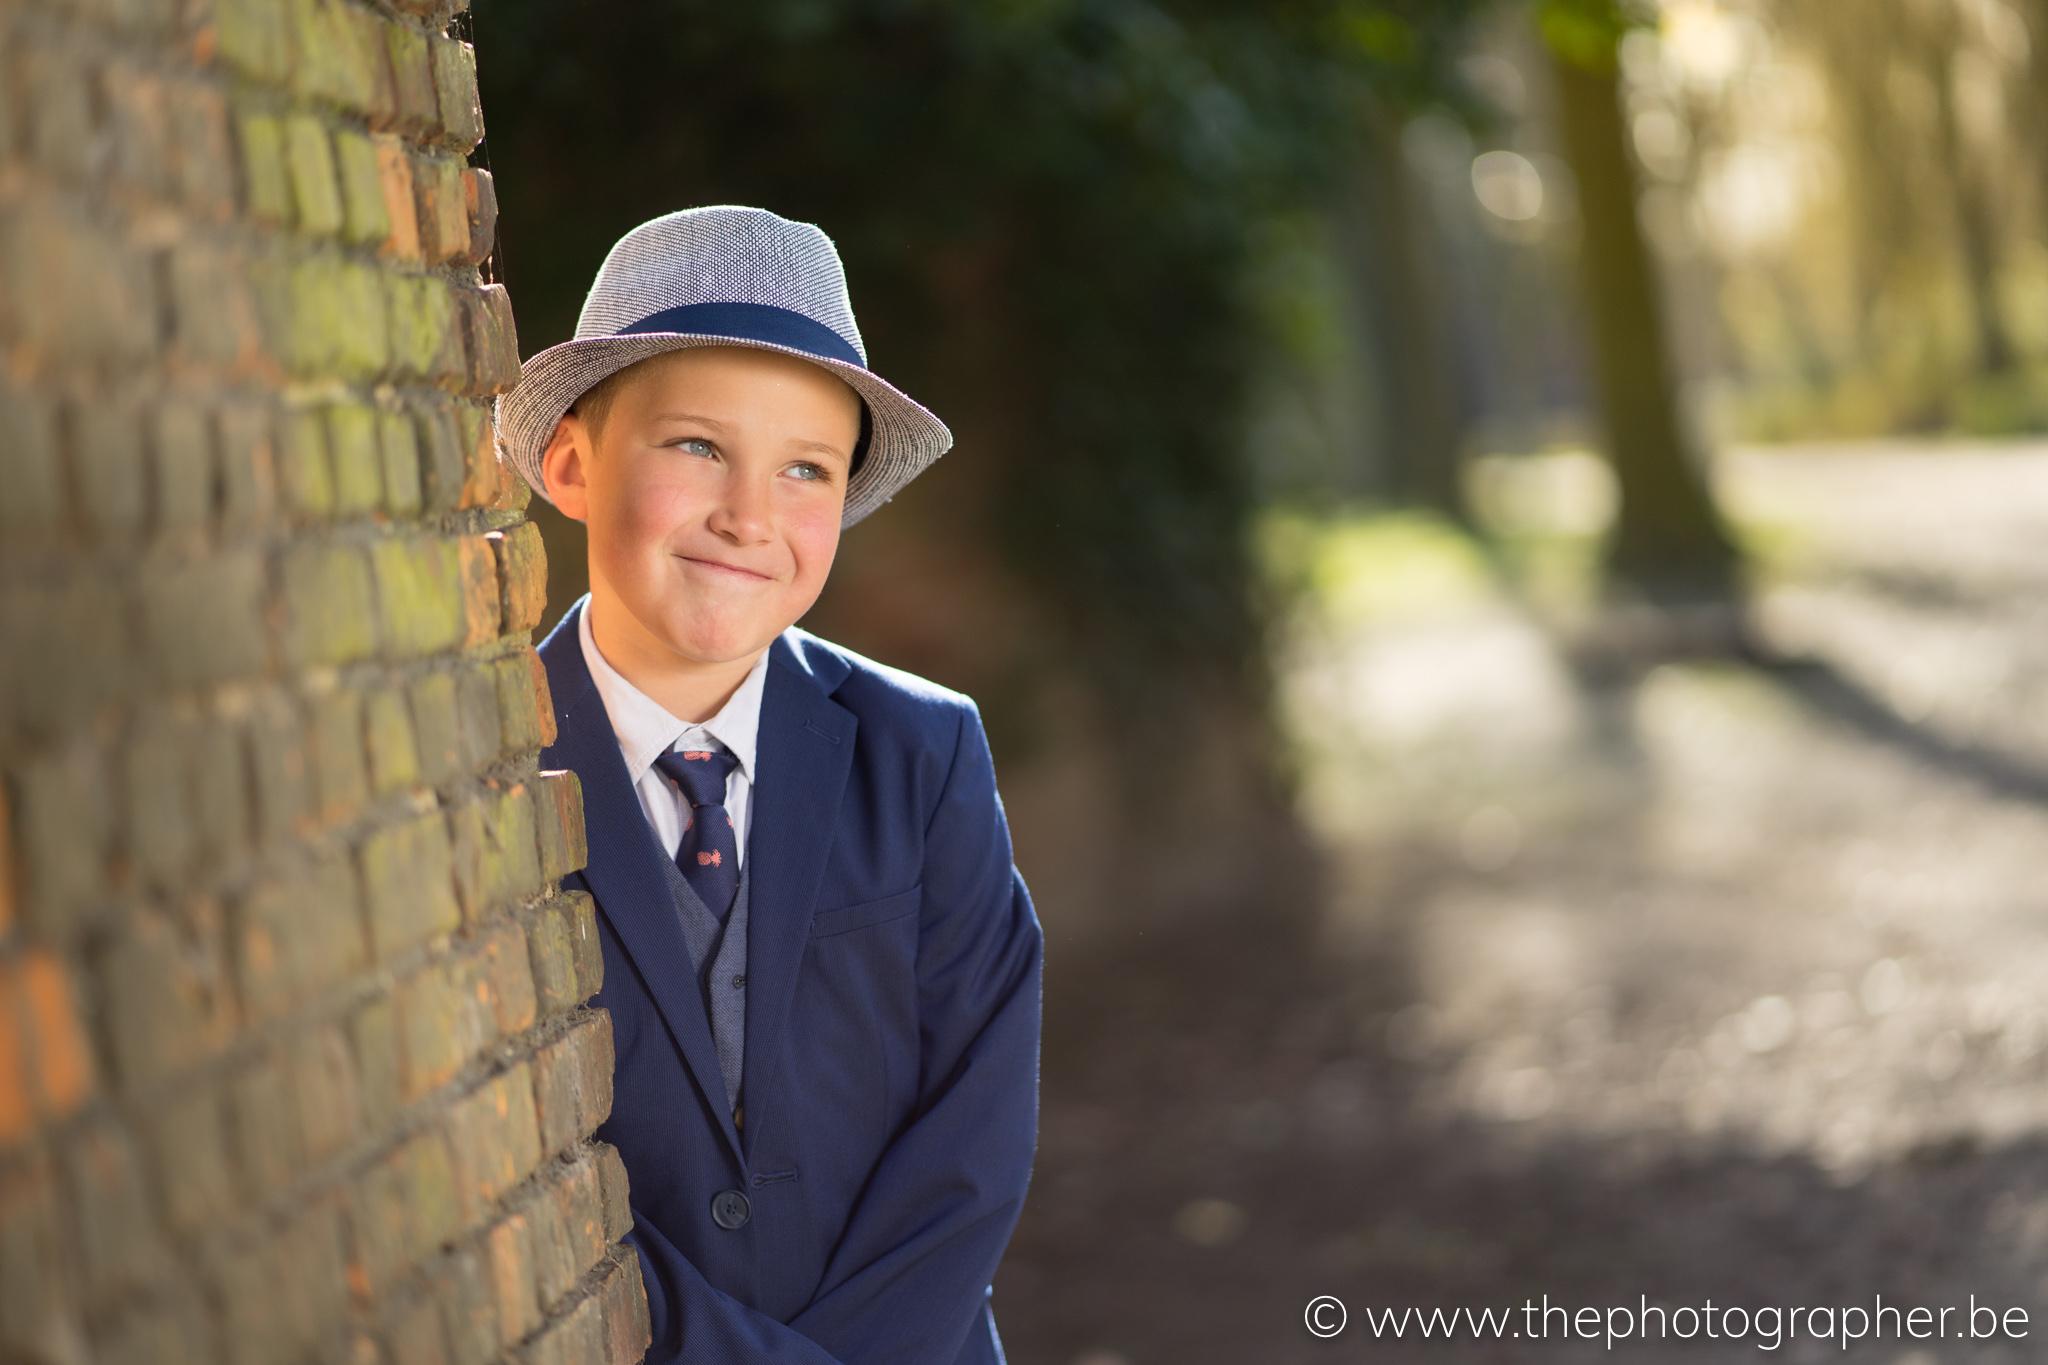 Portretfotograaf voor communiefoto's in Antwerpen van Tibo